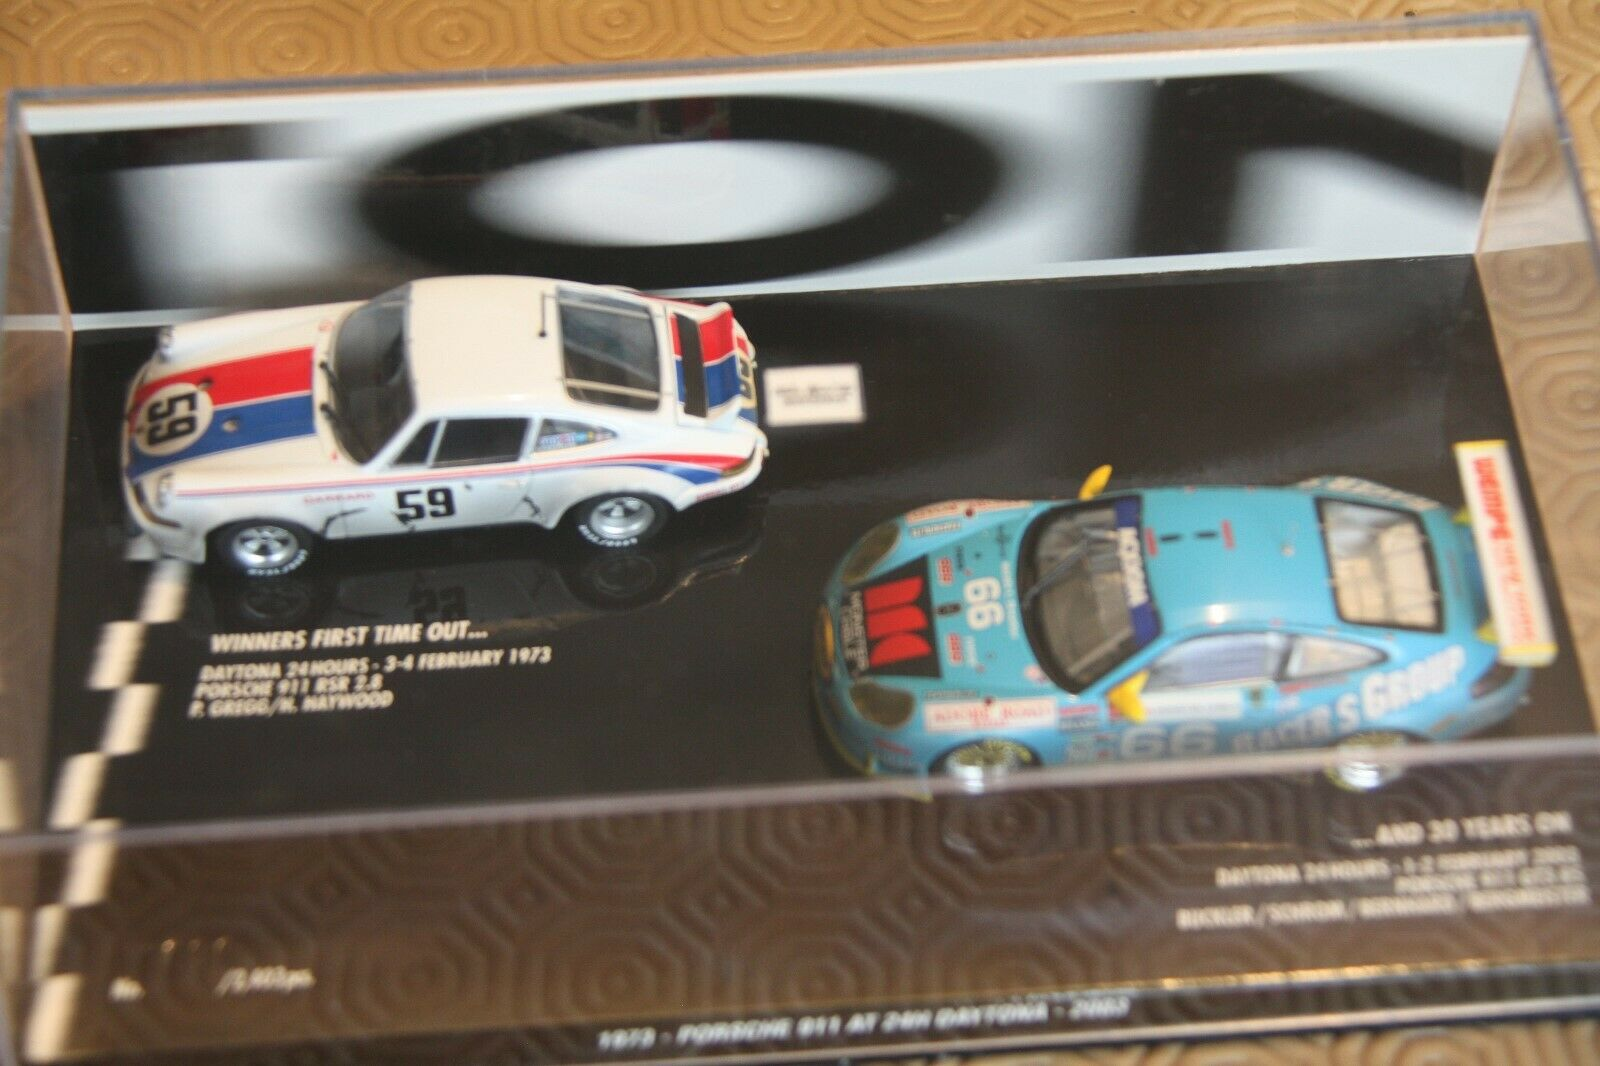 promocionales de incentivo Porsche 911 RSR et GT3 RS  24H daytona daytona daytona 1973 et 2003  die cast 1 43 Minichamps  Venta en línea precio bajo descuento